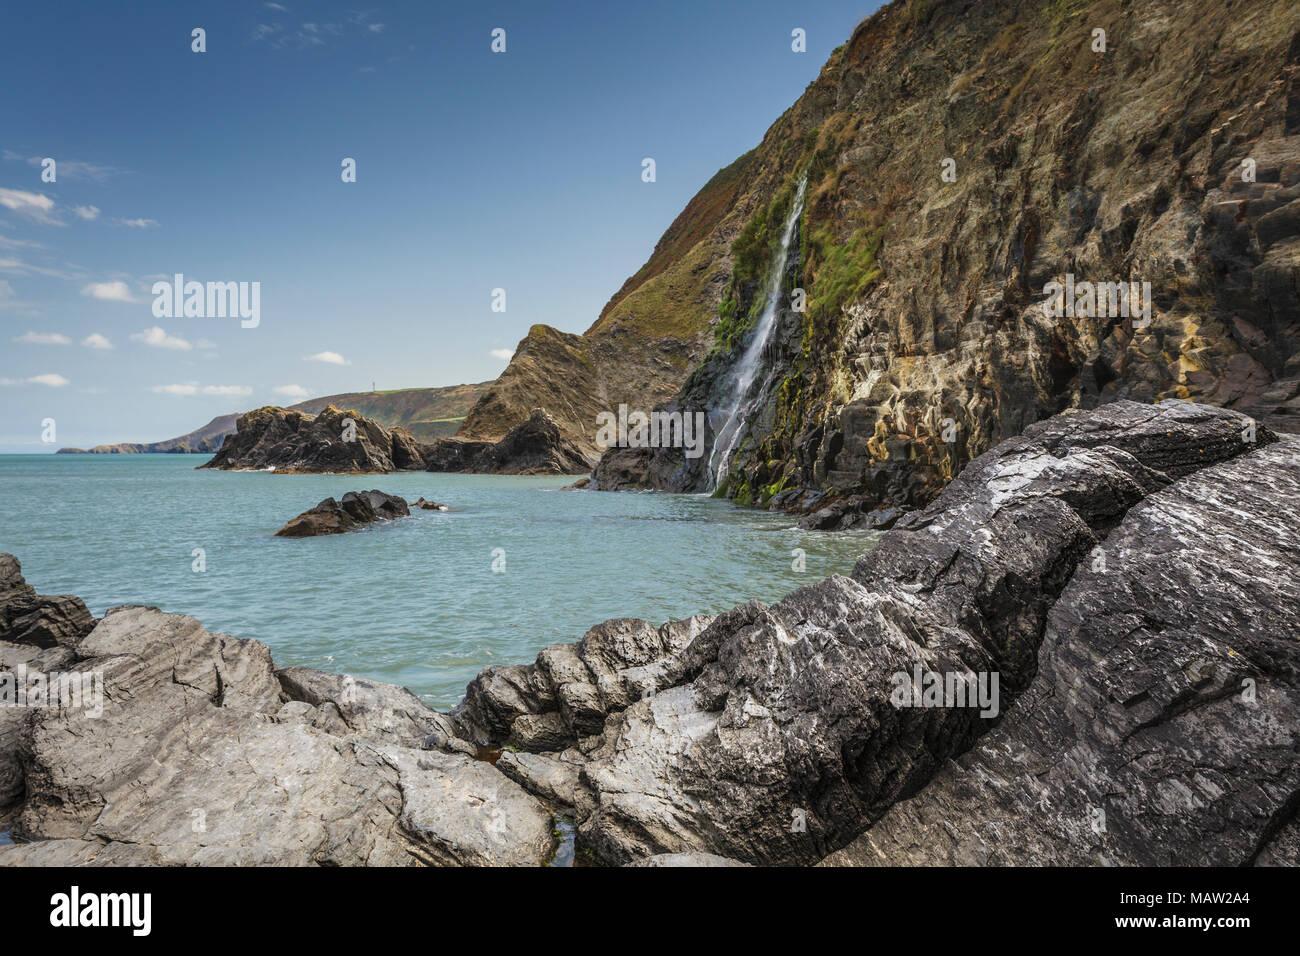 Tresaith on the Ceredigion Coast, West Wales - Stock Image